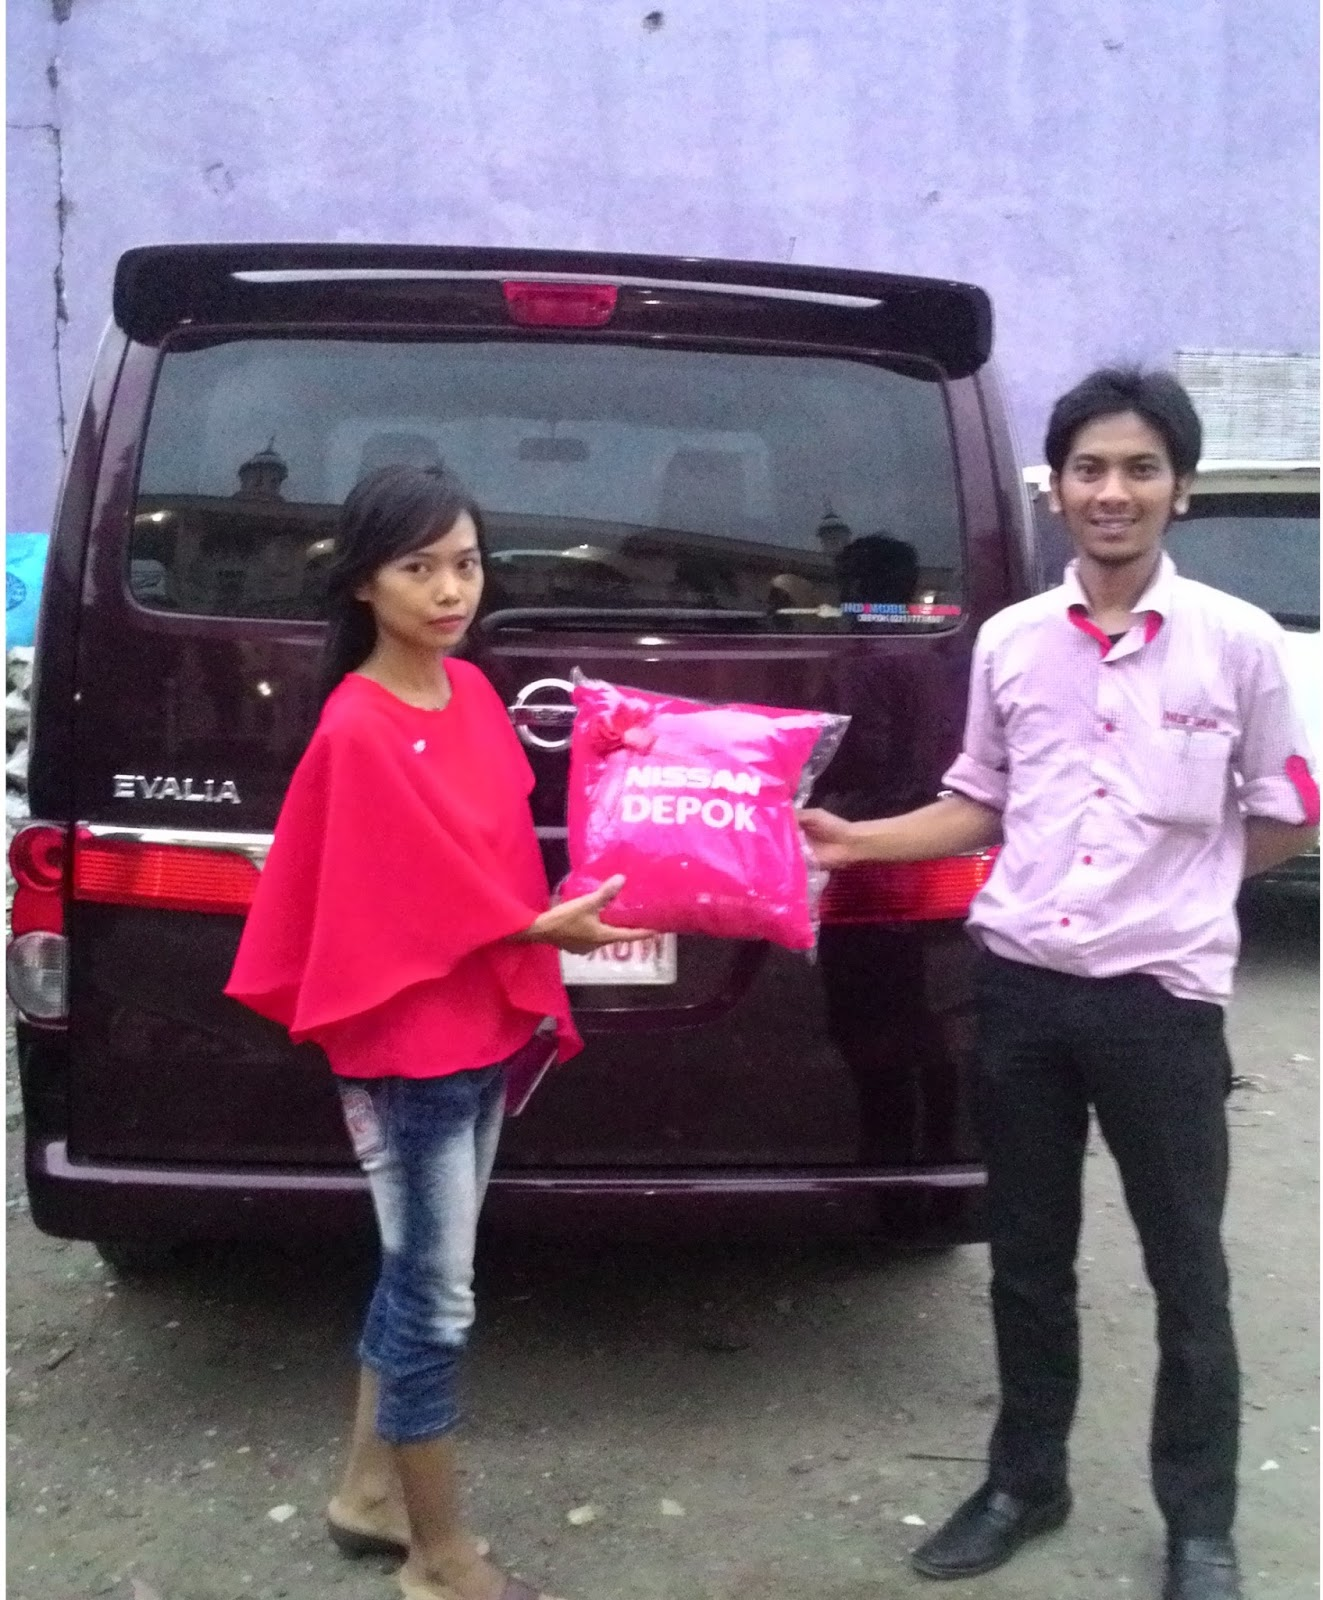 Terimakasih atas kepercayaan Bu Widiyani & Keluarga yg telah membeli Nissan New Evalia melalui media www.touchnissan.com.  Semoga Berkah ya Bu...